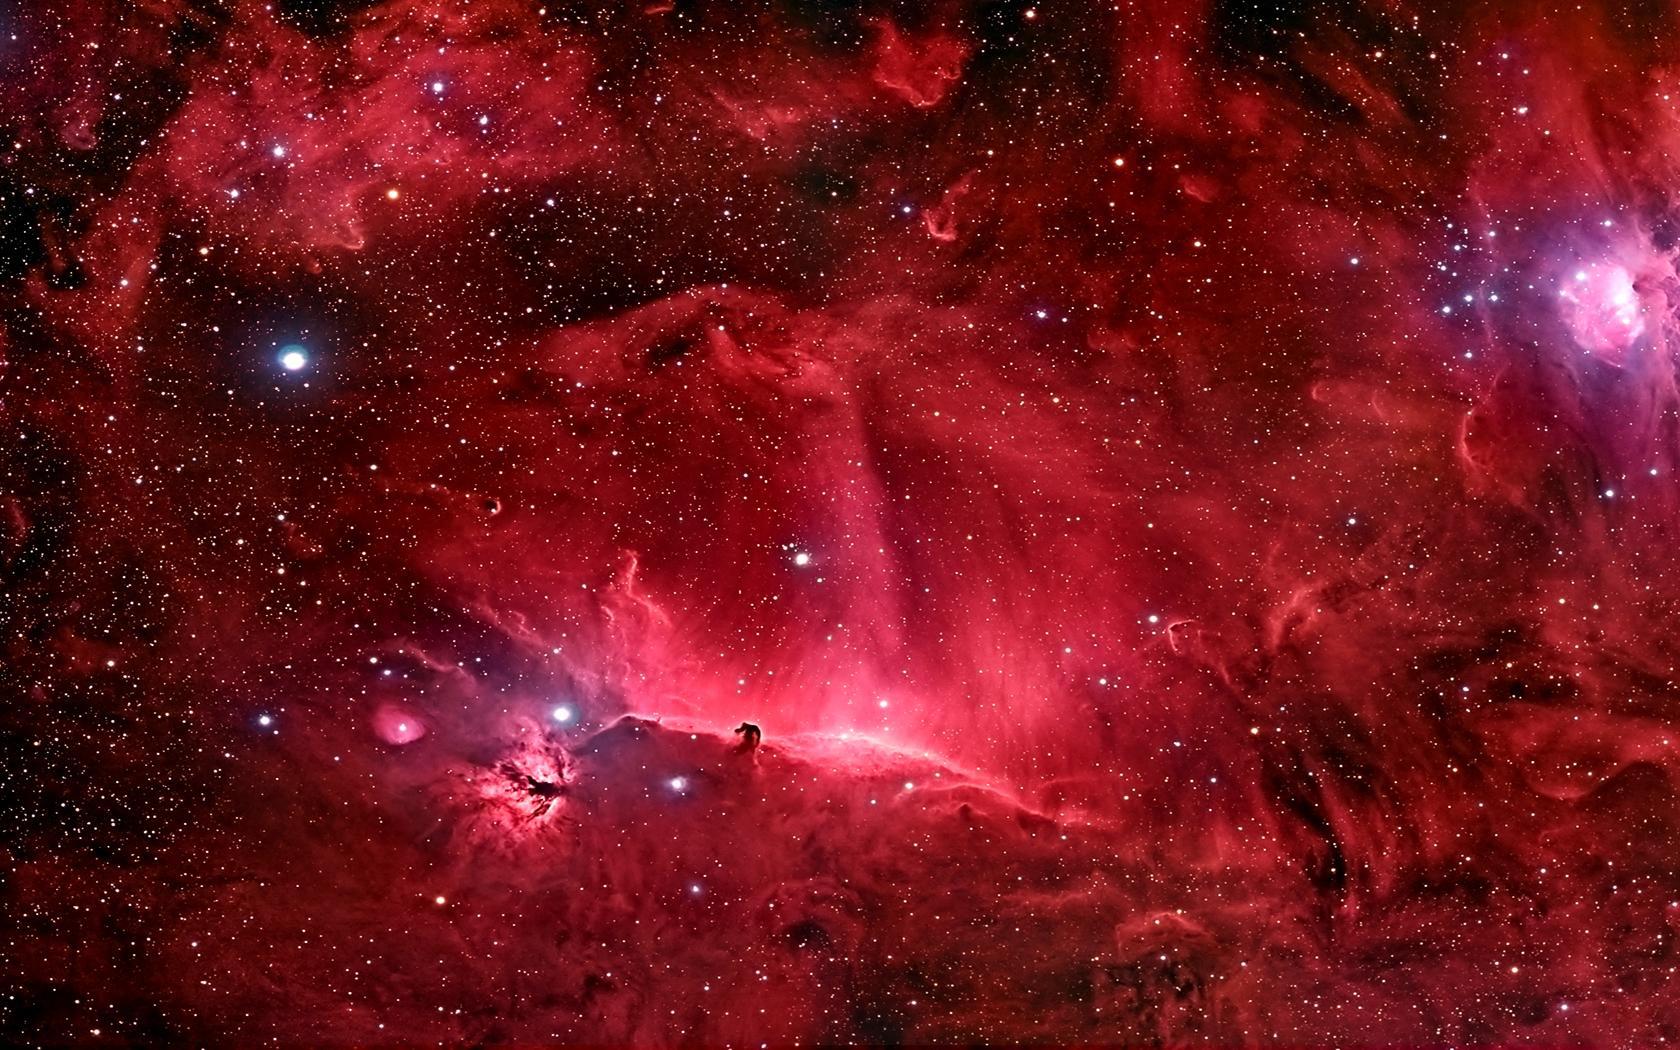 Nebula 4K Wallpaper  WallpaperSafari